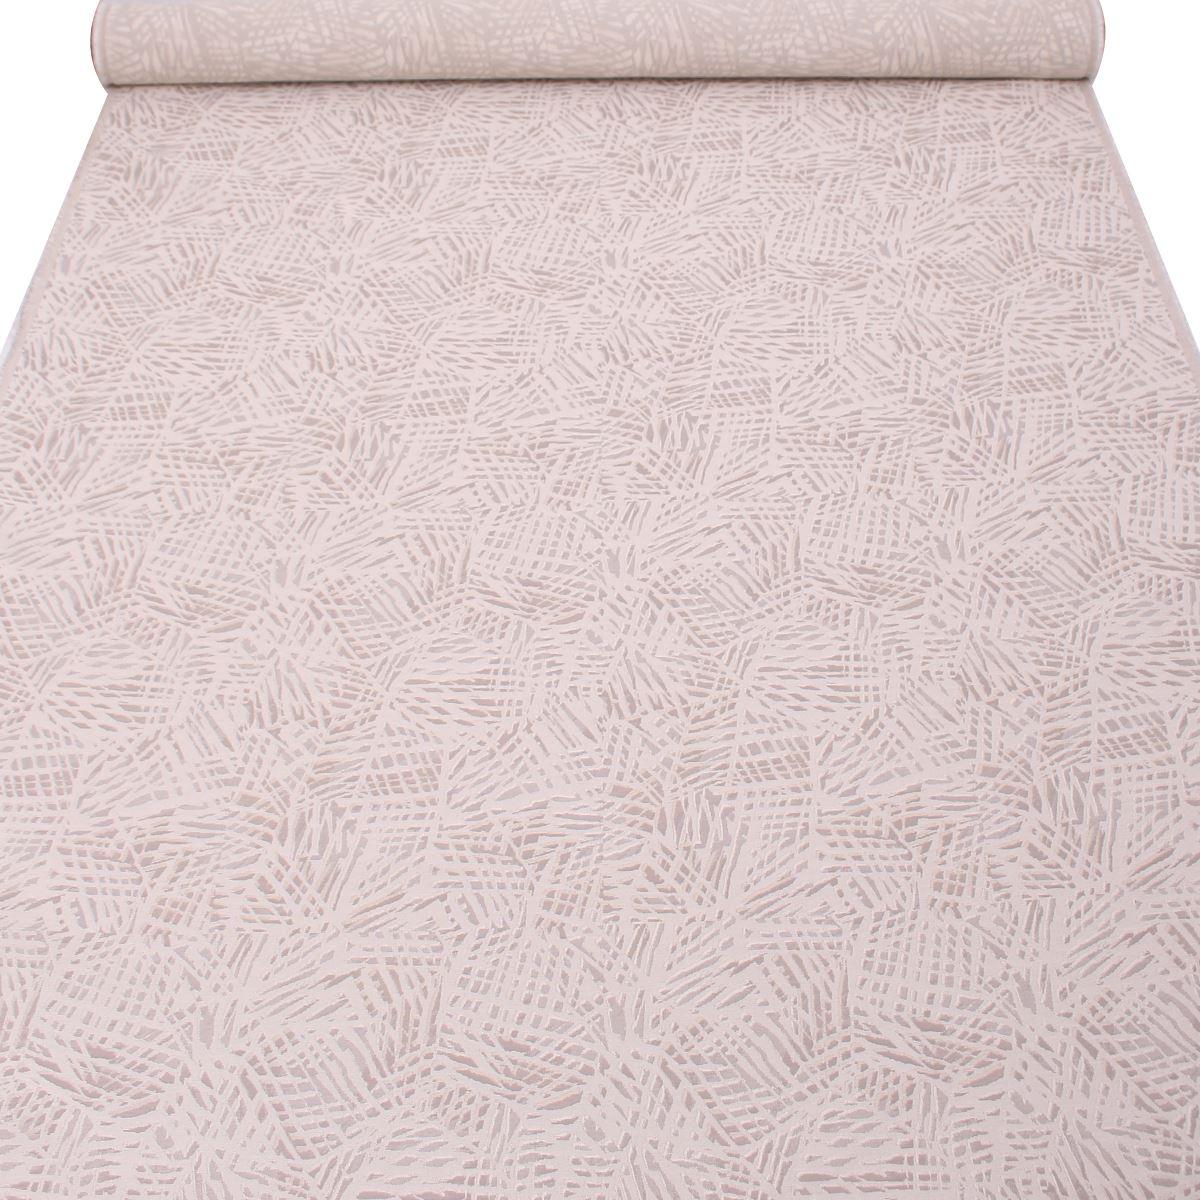 York Avantgarde Abstracto Beige Tela de tapicería tejido textured patrón de crema